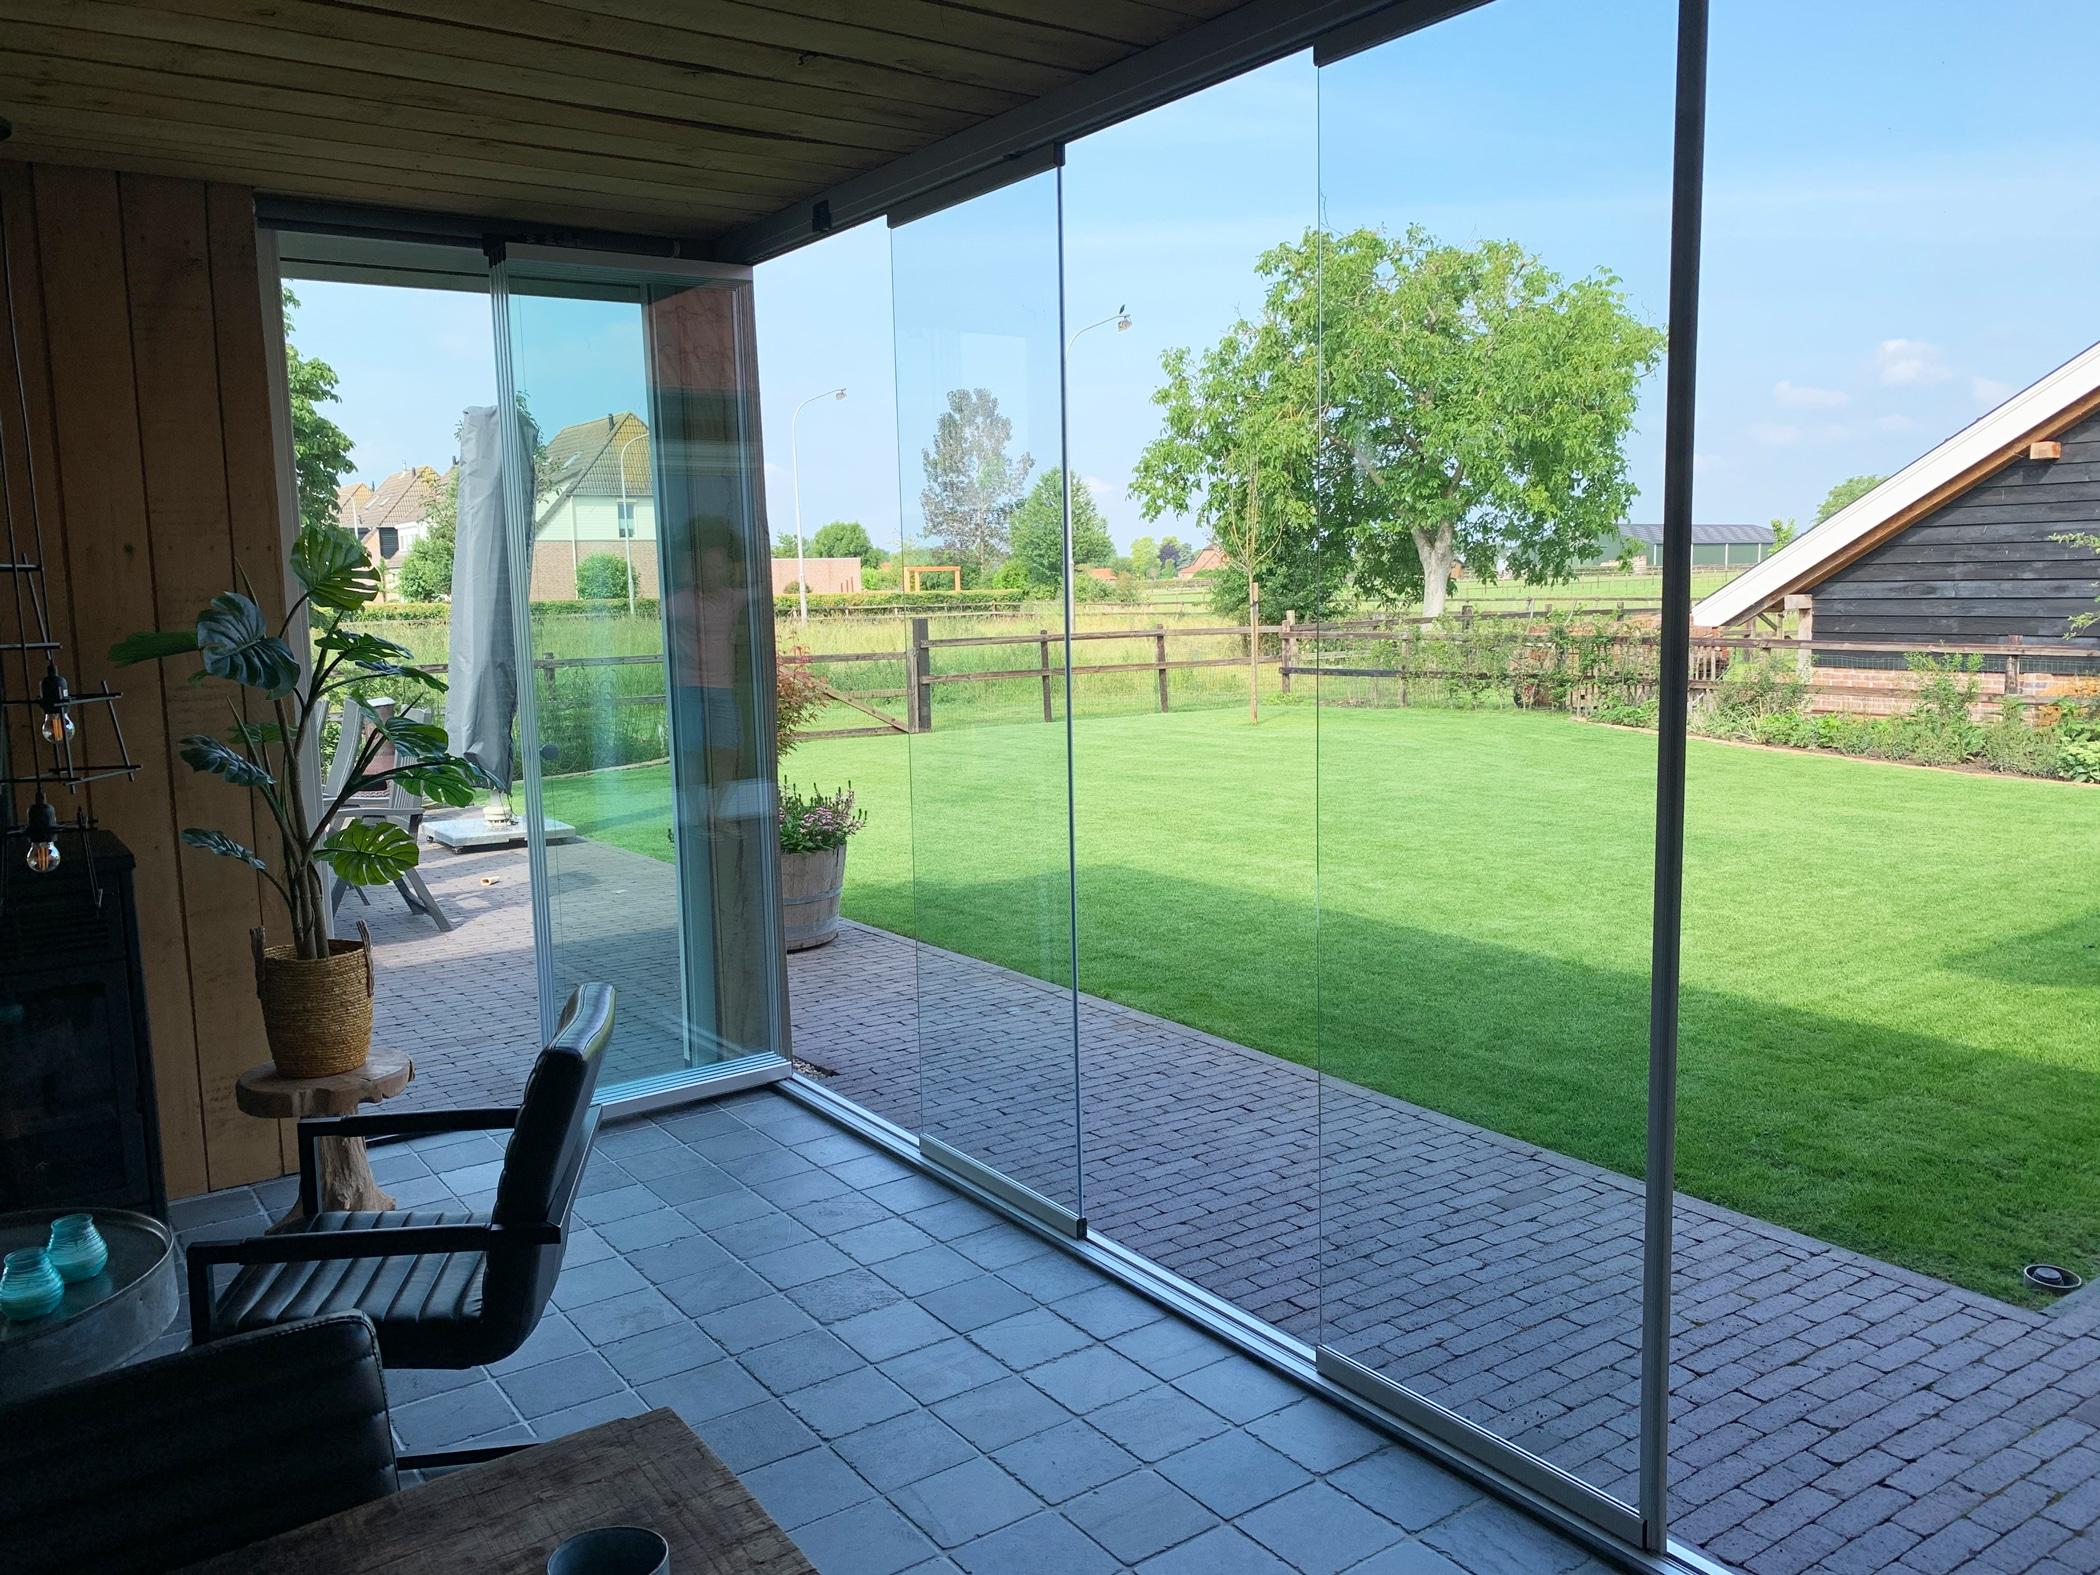 Terrasse zu Sommerwohnzimmer umbauen